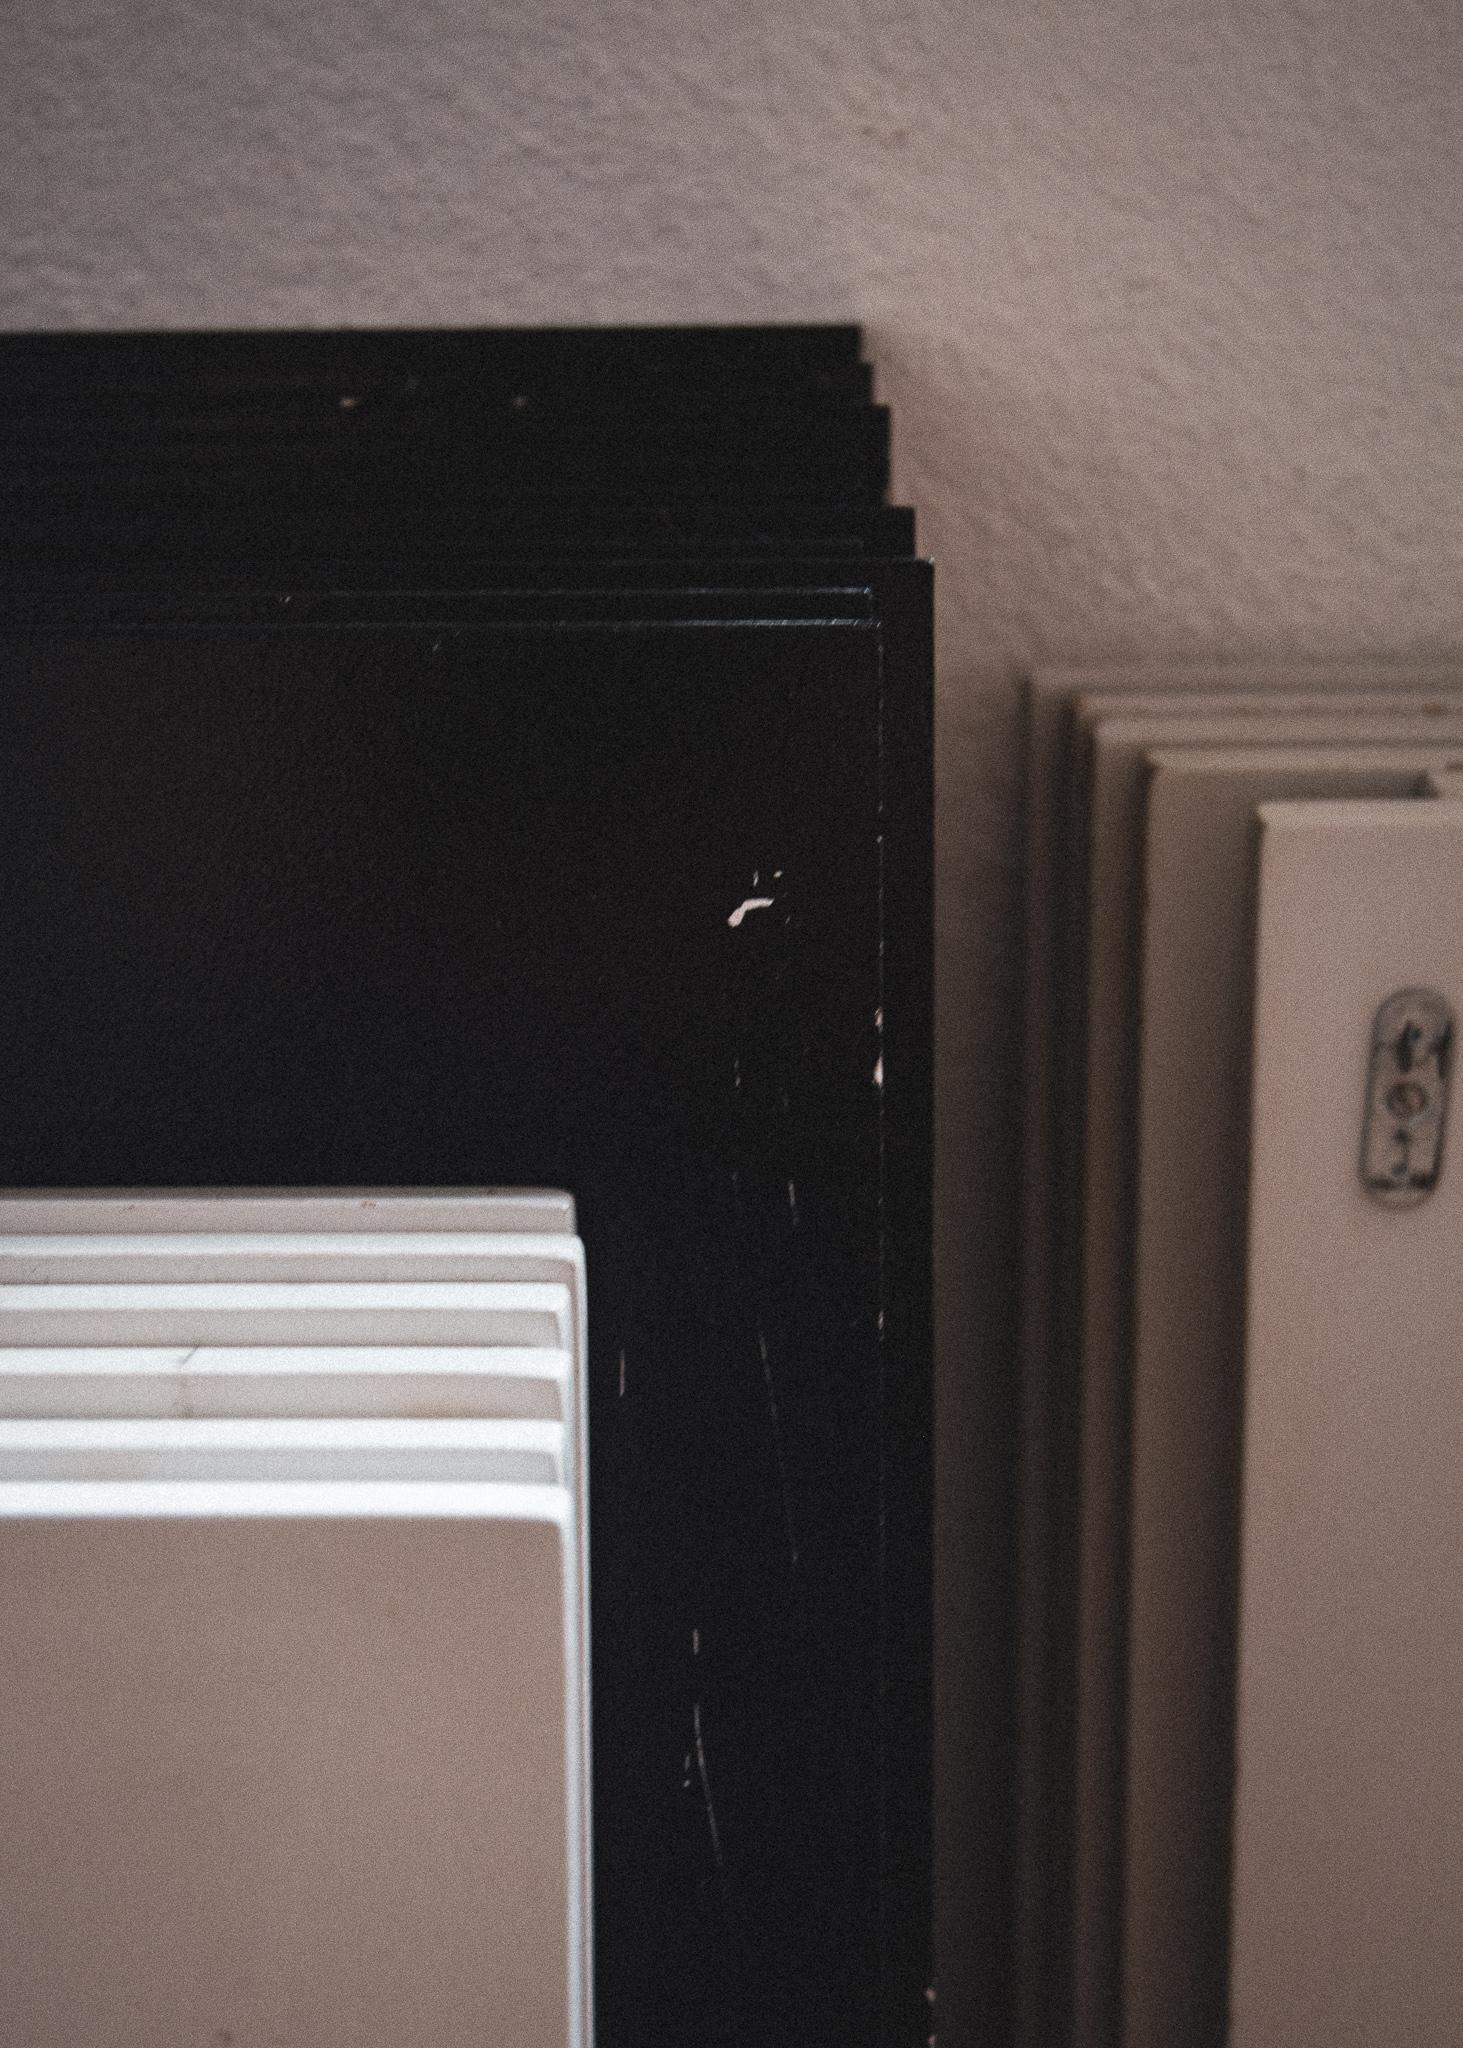 flytning, skabe, skabslåger, hylder, moving, closets, closetdoors, shelfs